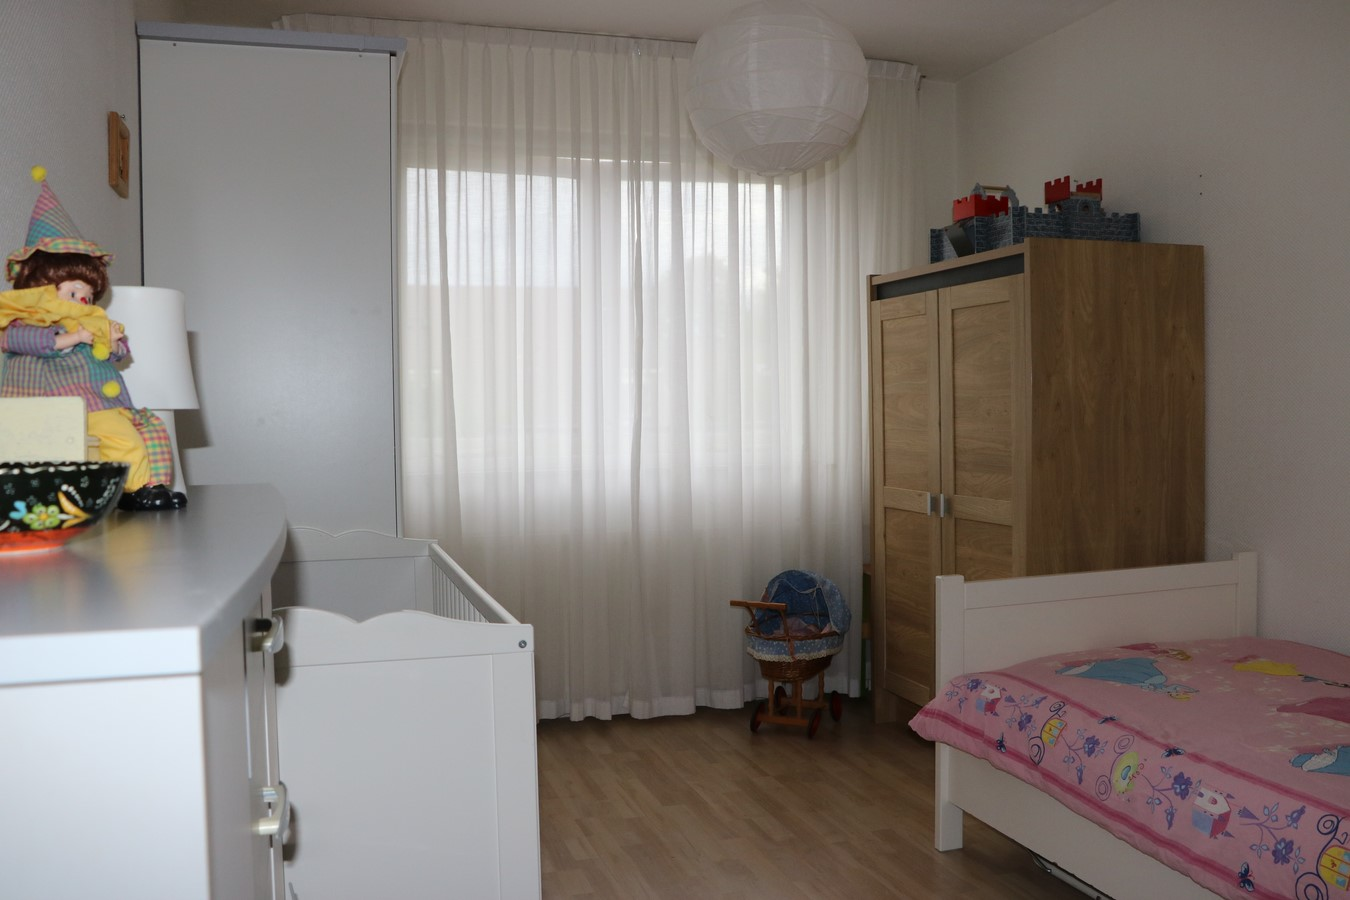 18 Slaapkamer achter 1.JPG